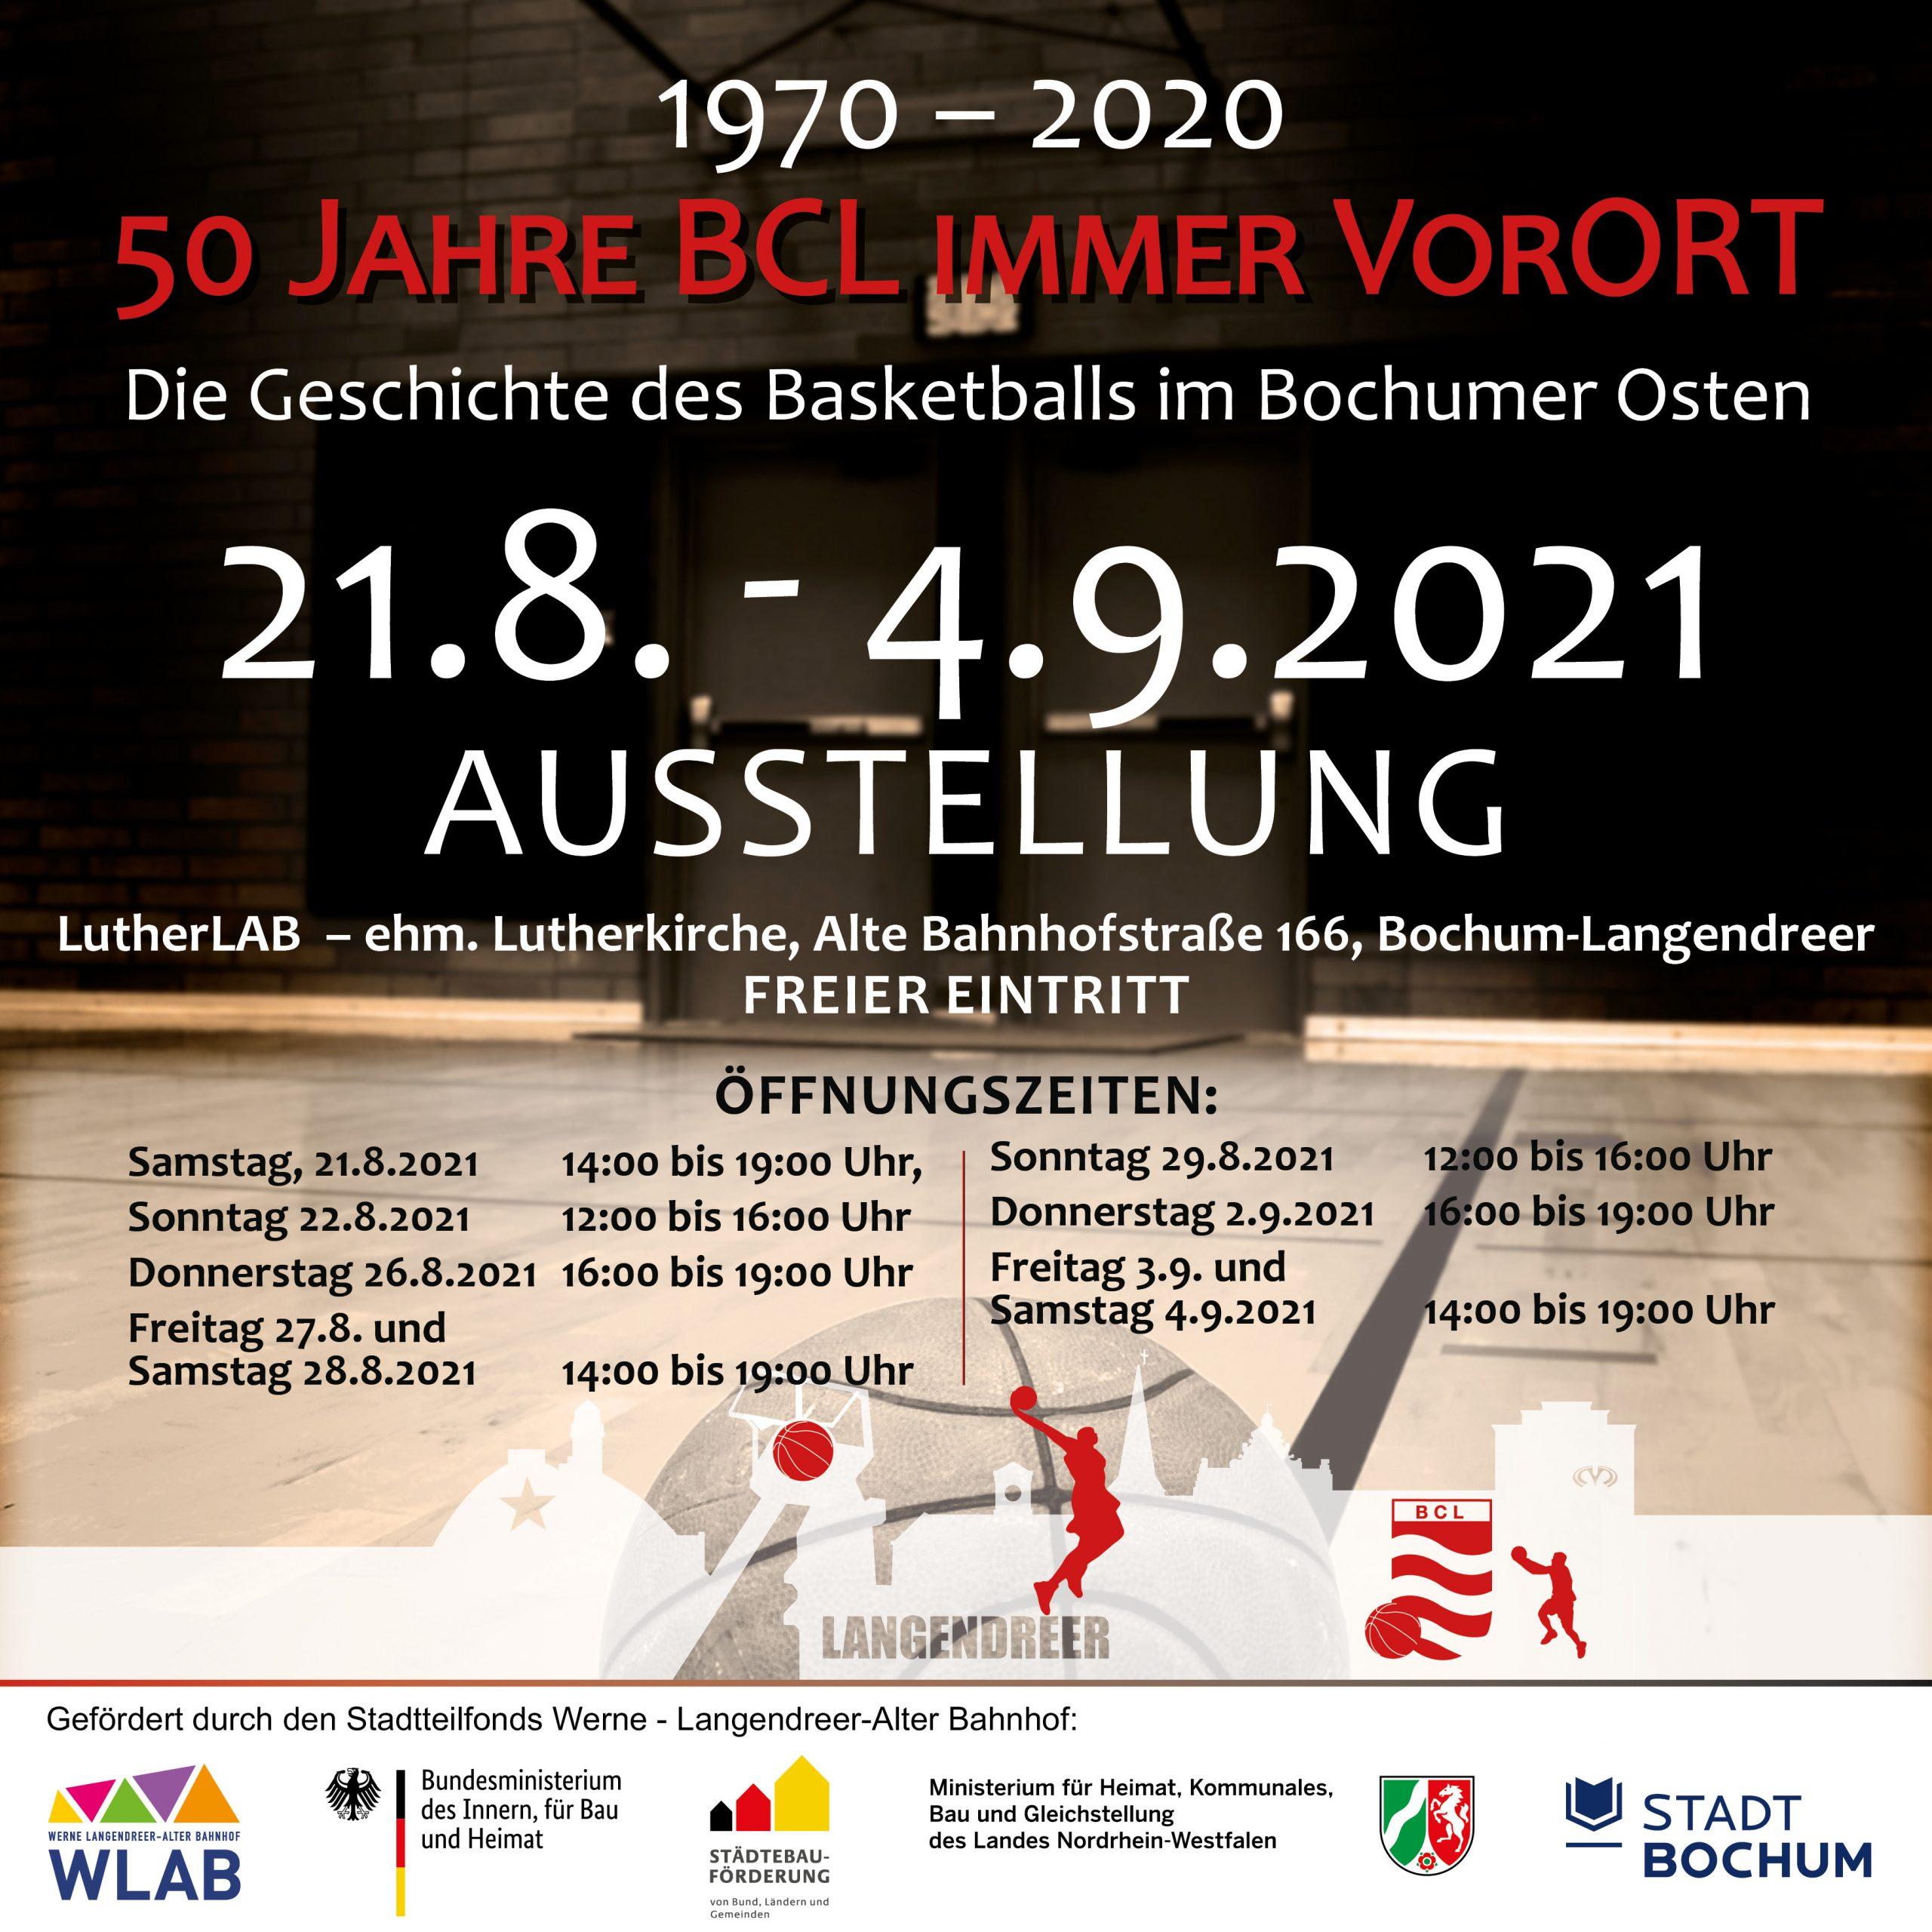 Ausstellung 50 Jahre BCL immer VorORT